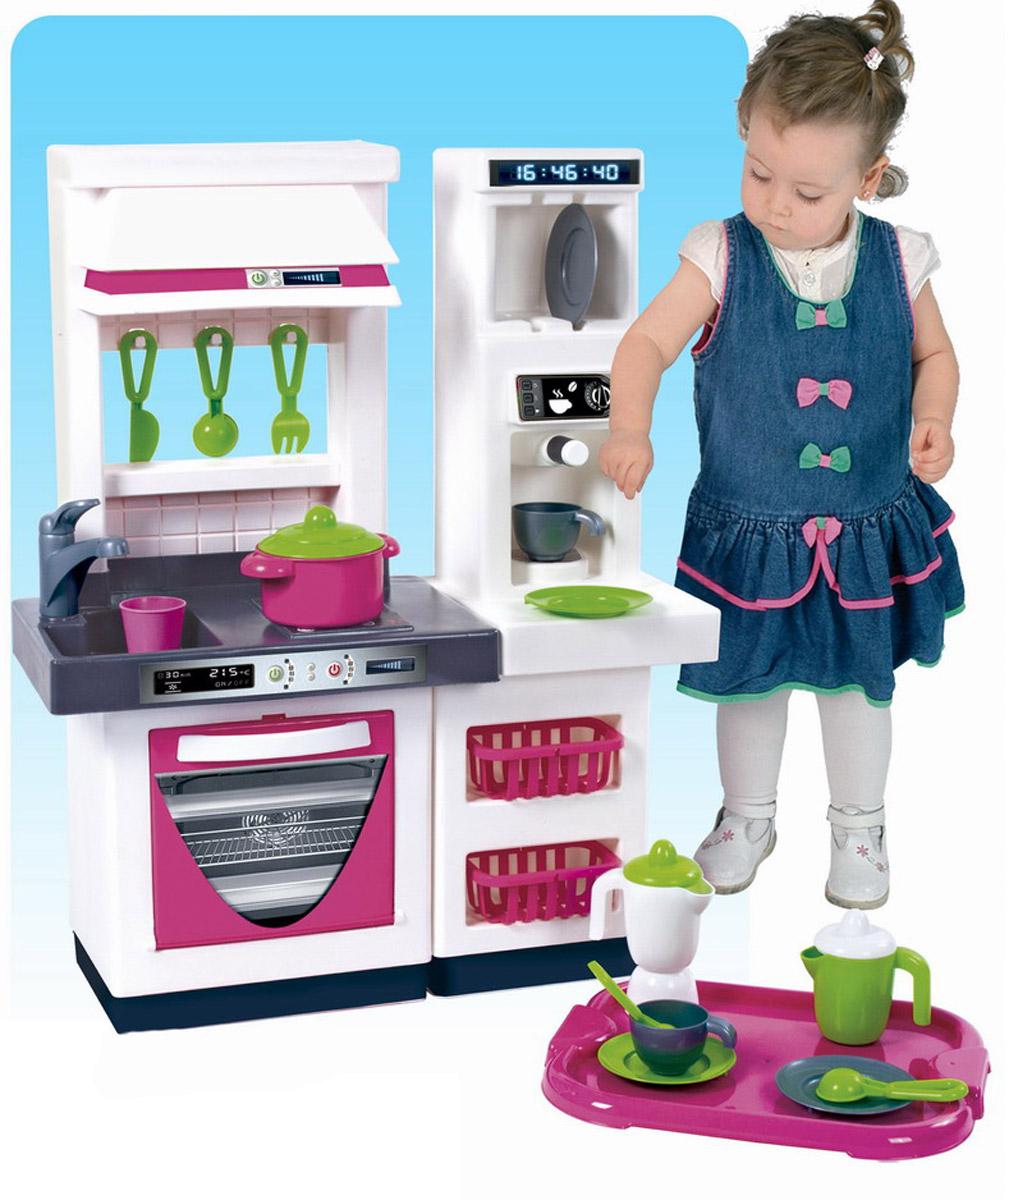 Palau Toys Игровой набор Кухня с 2 модулями и набором посуды 07/1586